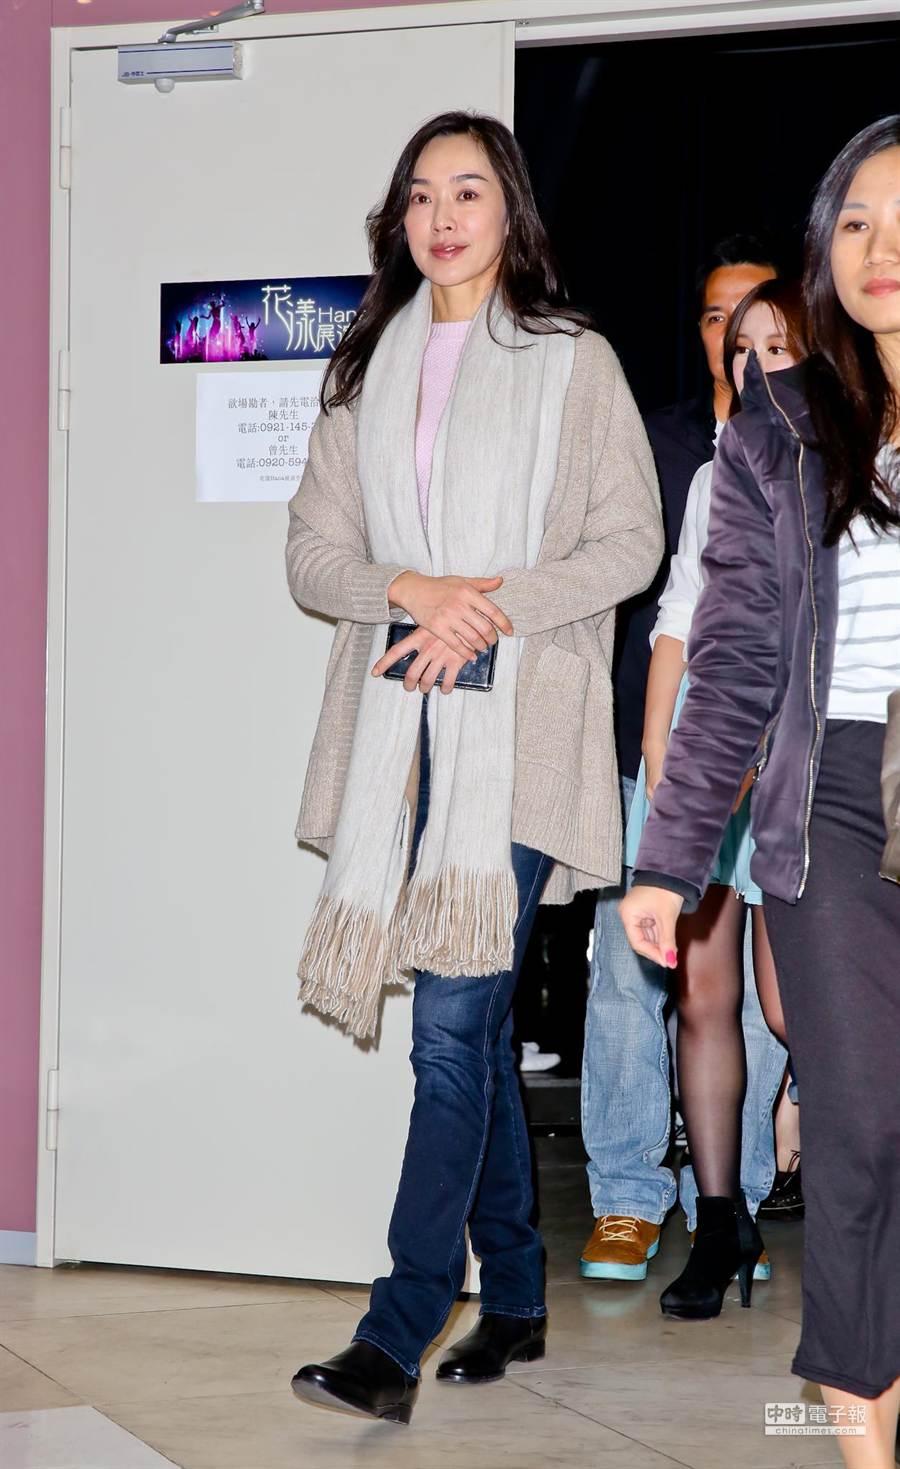 王靜瑩出席自閉兒基金會活動。(羅永銘攝)